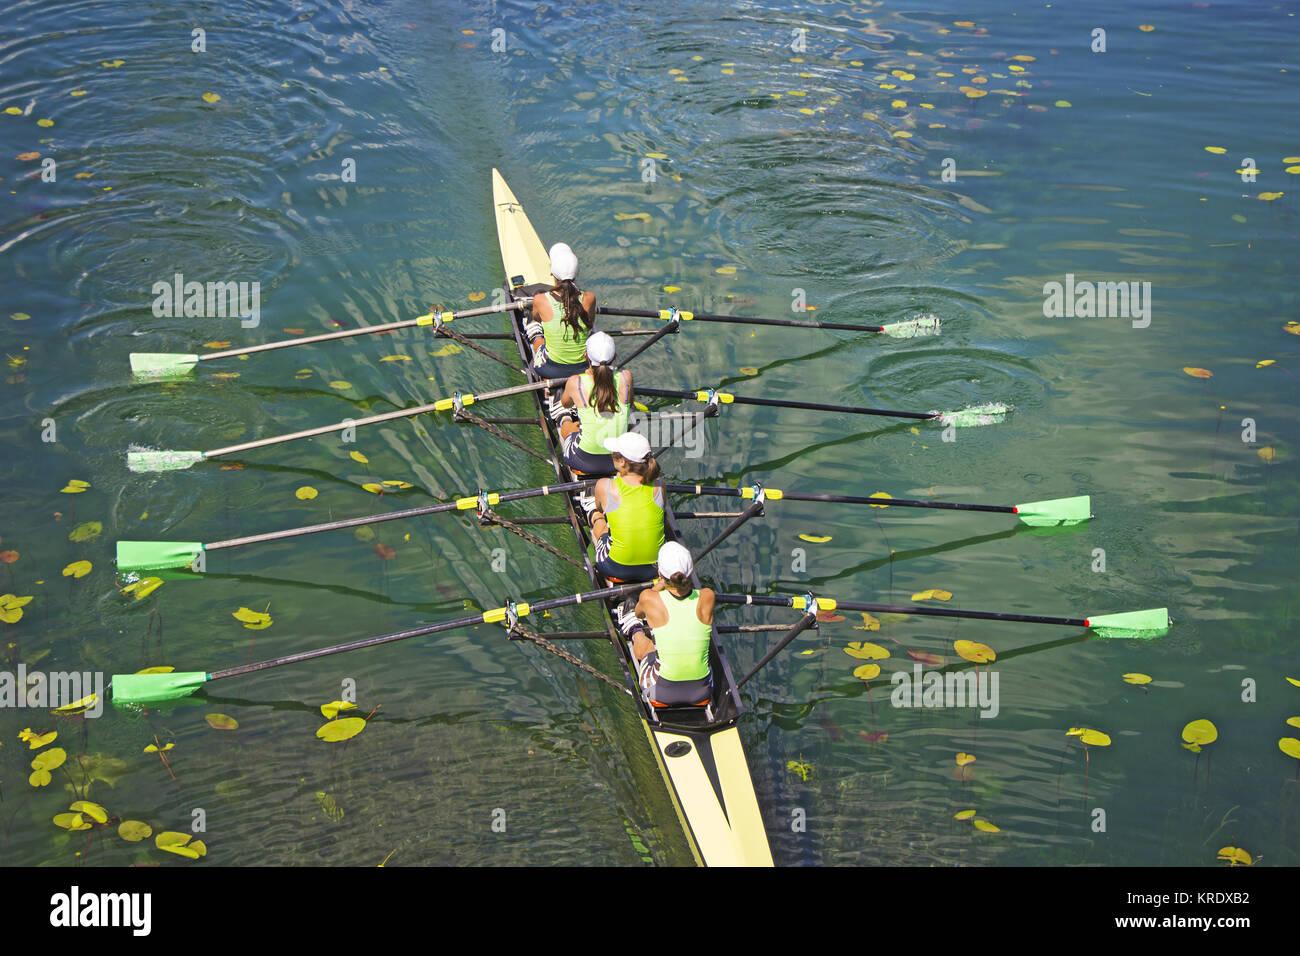 Team von Rudern Vier - oar Frauen im Boot Stockbild